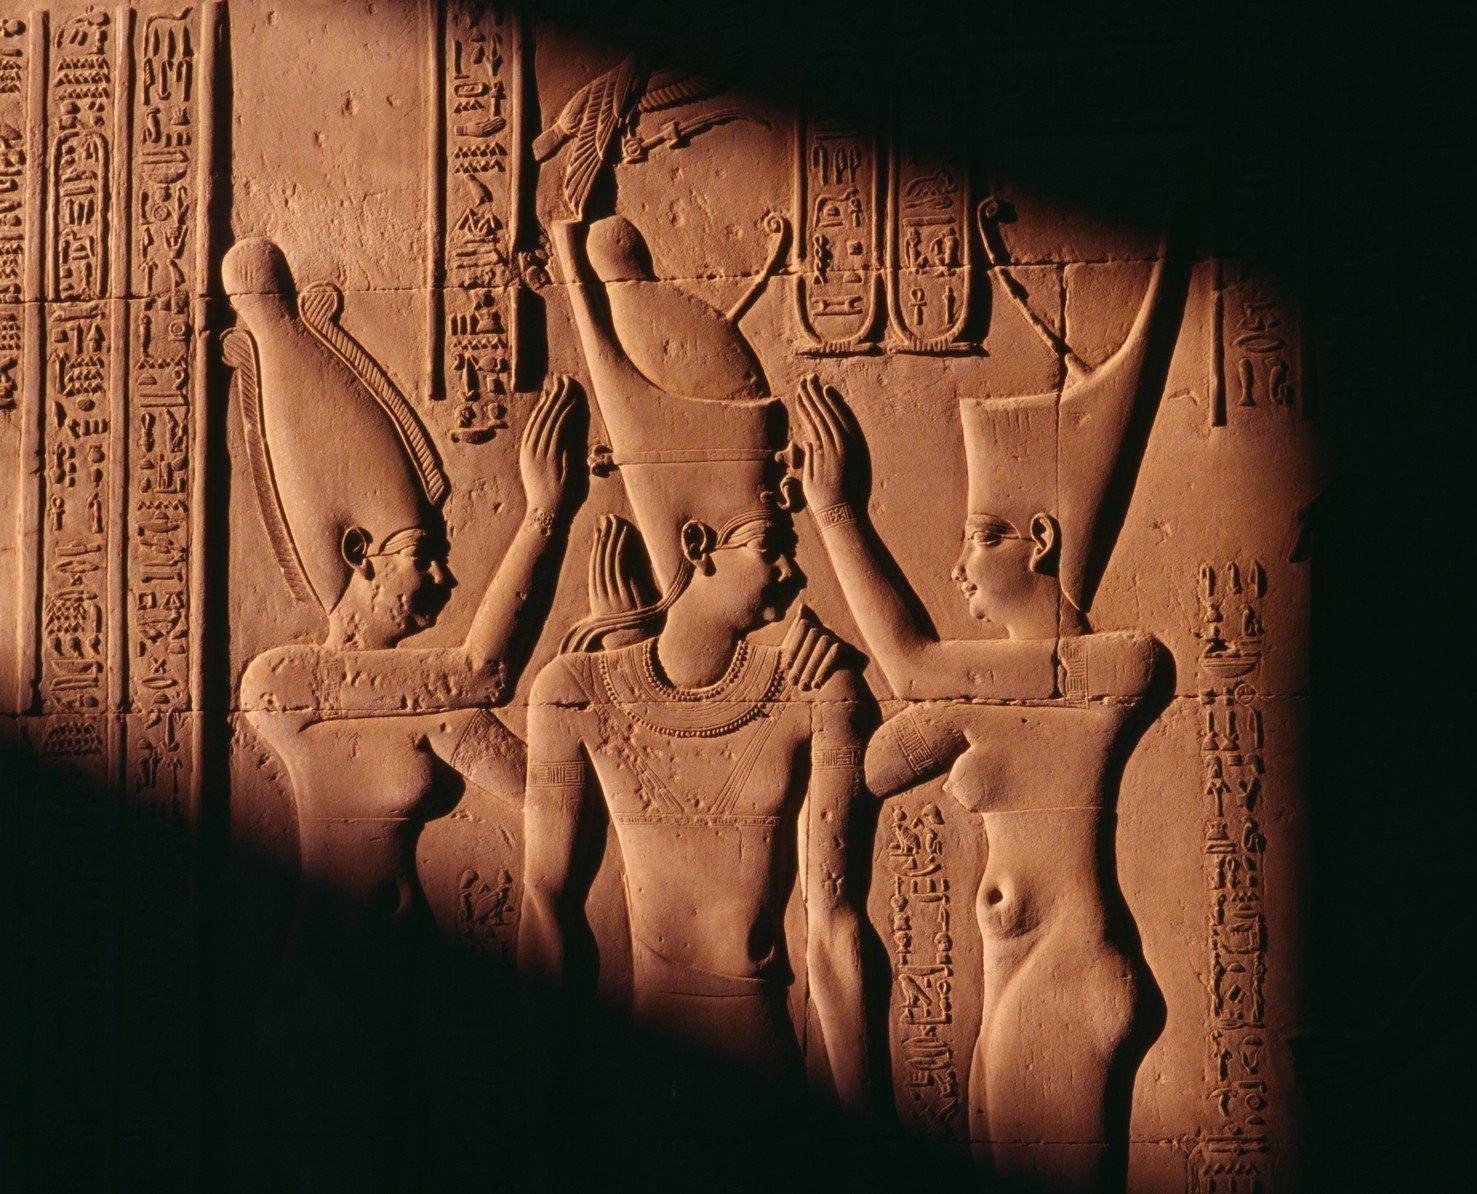 Vztahy a sex ve starověkém Egyptě byly dost uvolněné